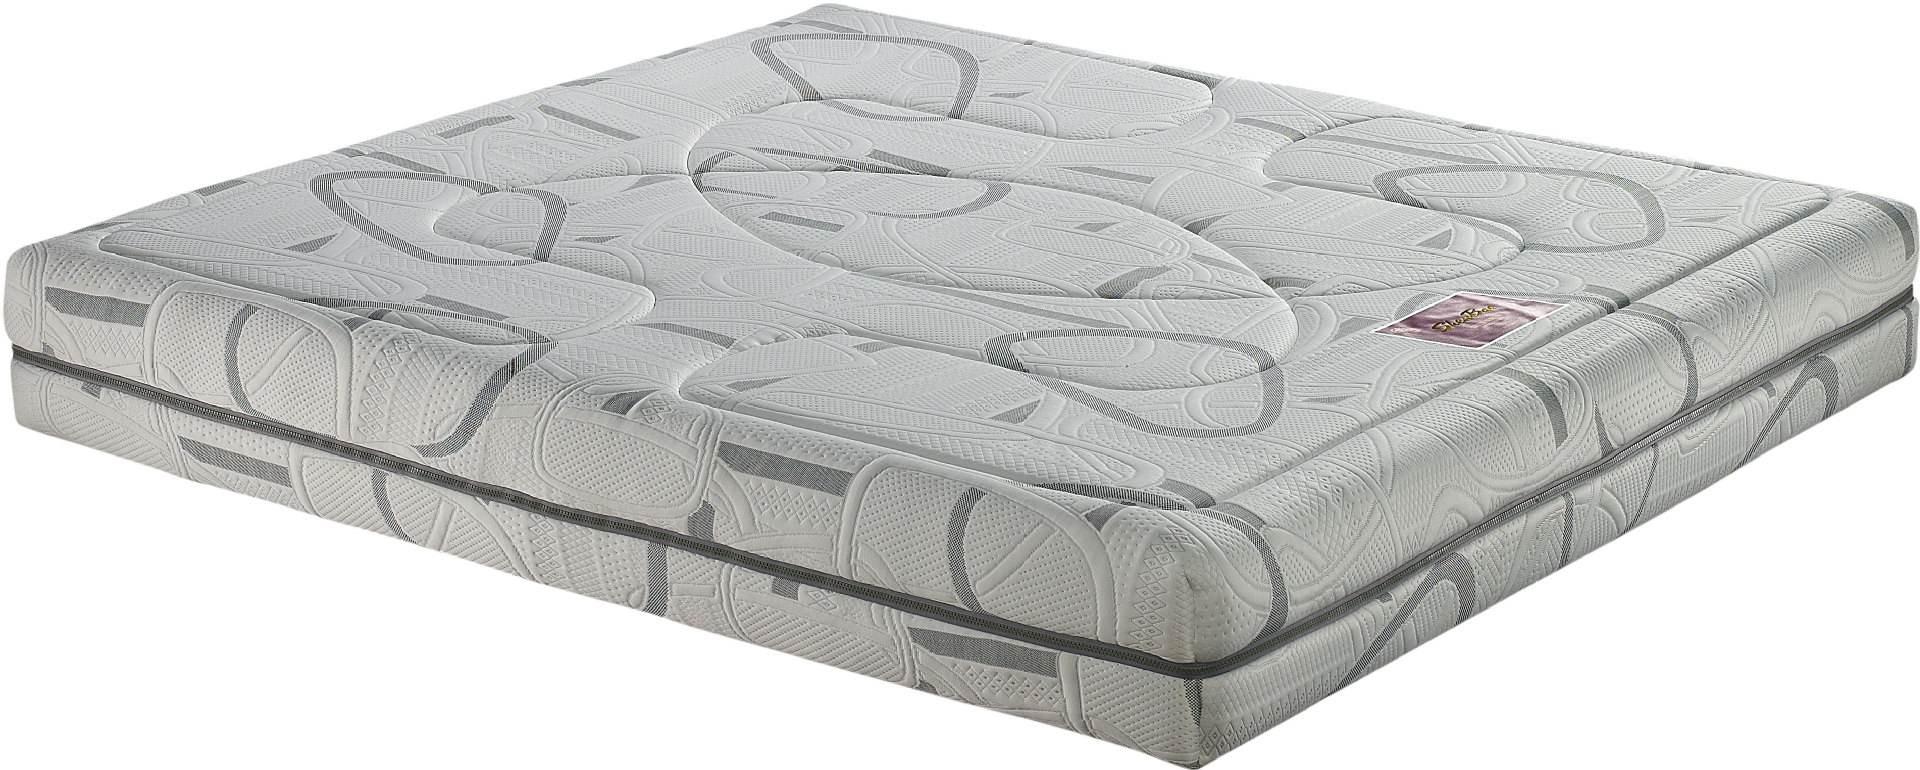 惠州床垫_惠州床垫定制_惠州床垫定做厂家-梦凡衣柜